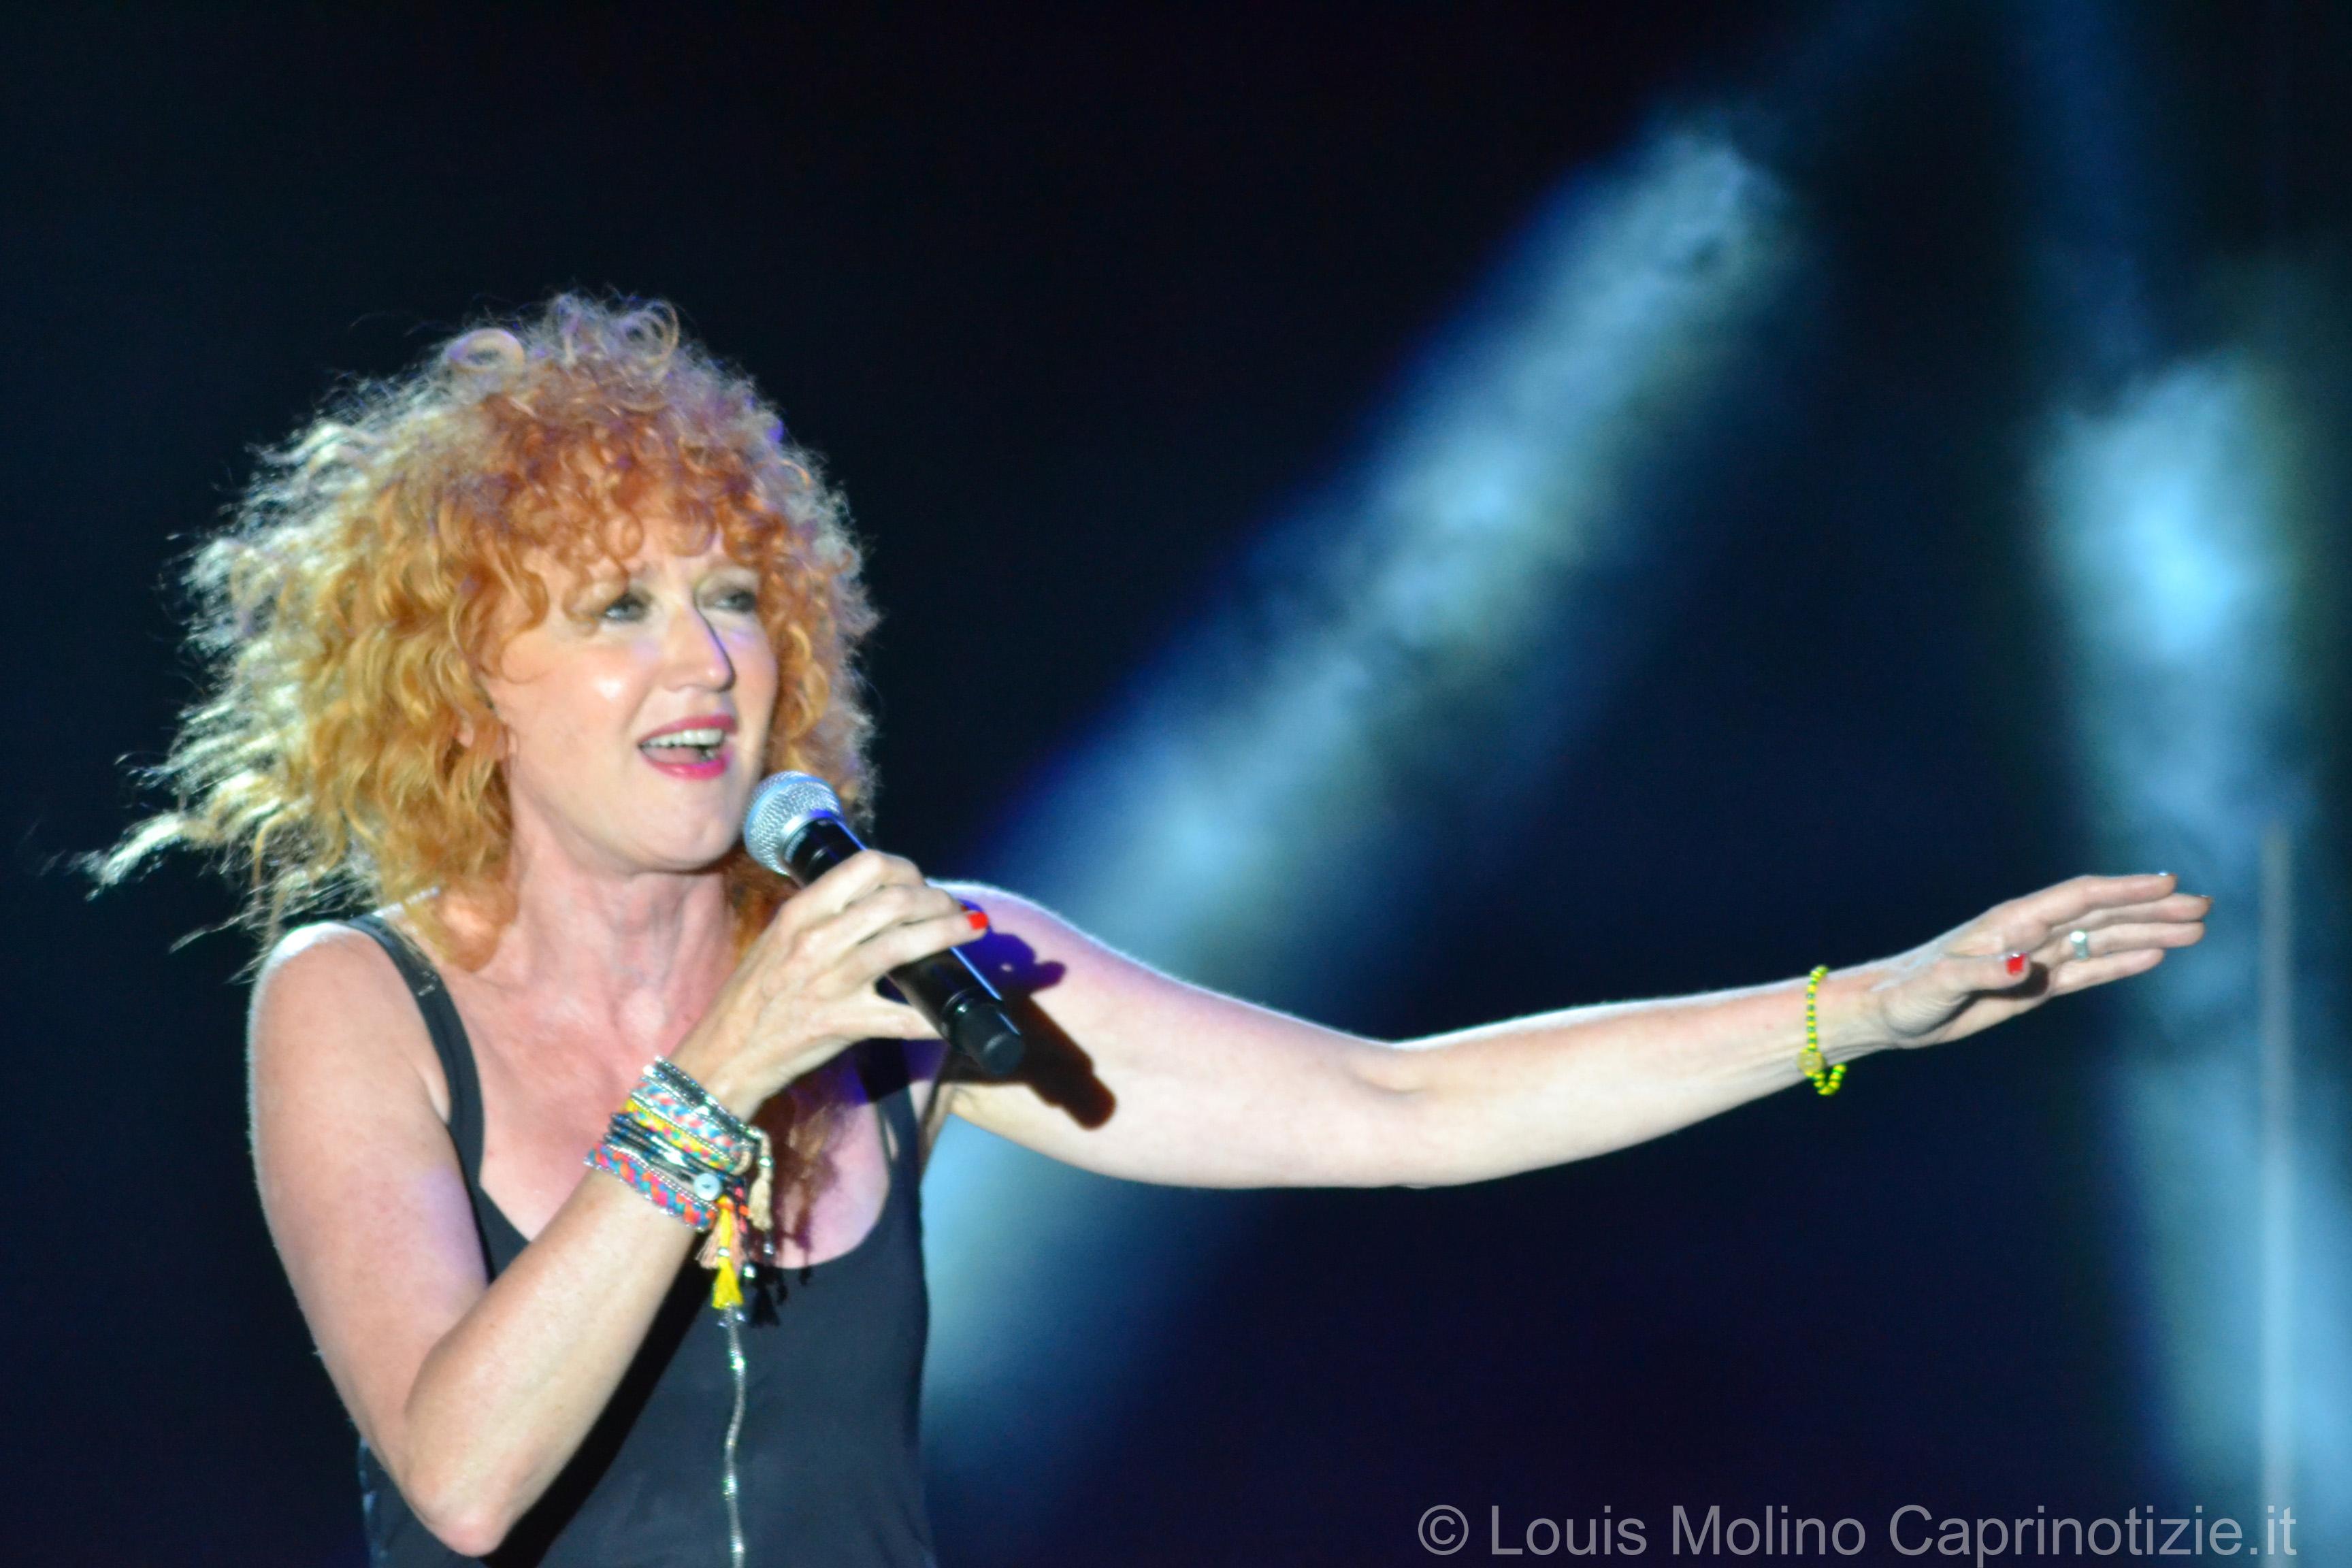 Fiorella Mannoia con tre tappe in Sicilia, Ragusa, Taormina e Palermo